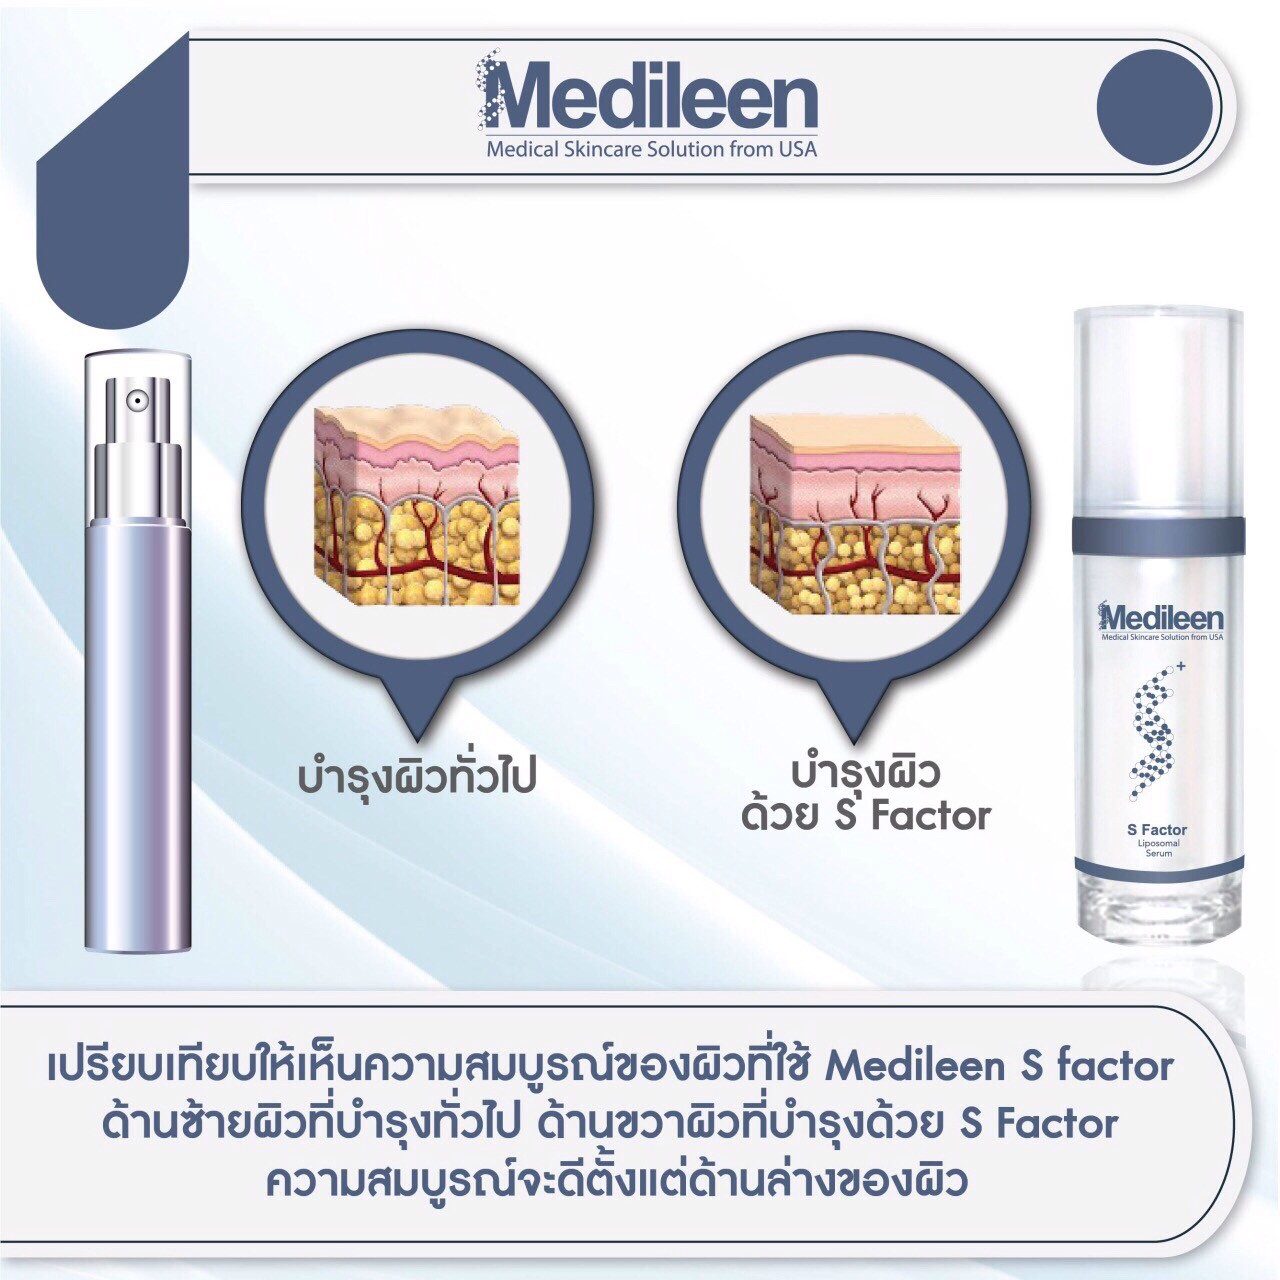 Medileen S Facter